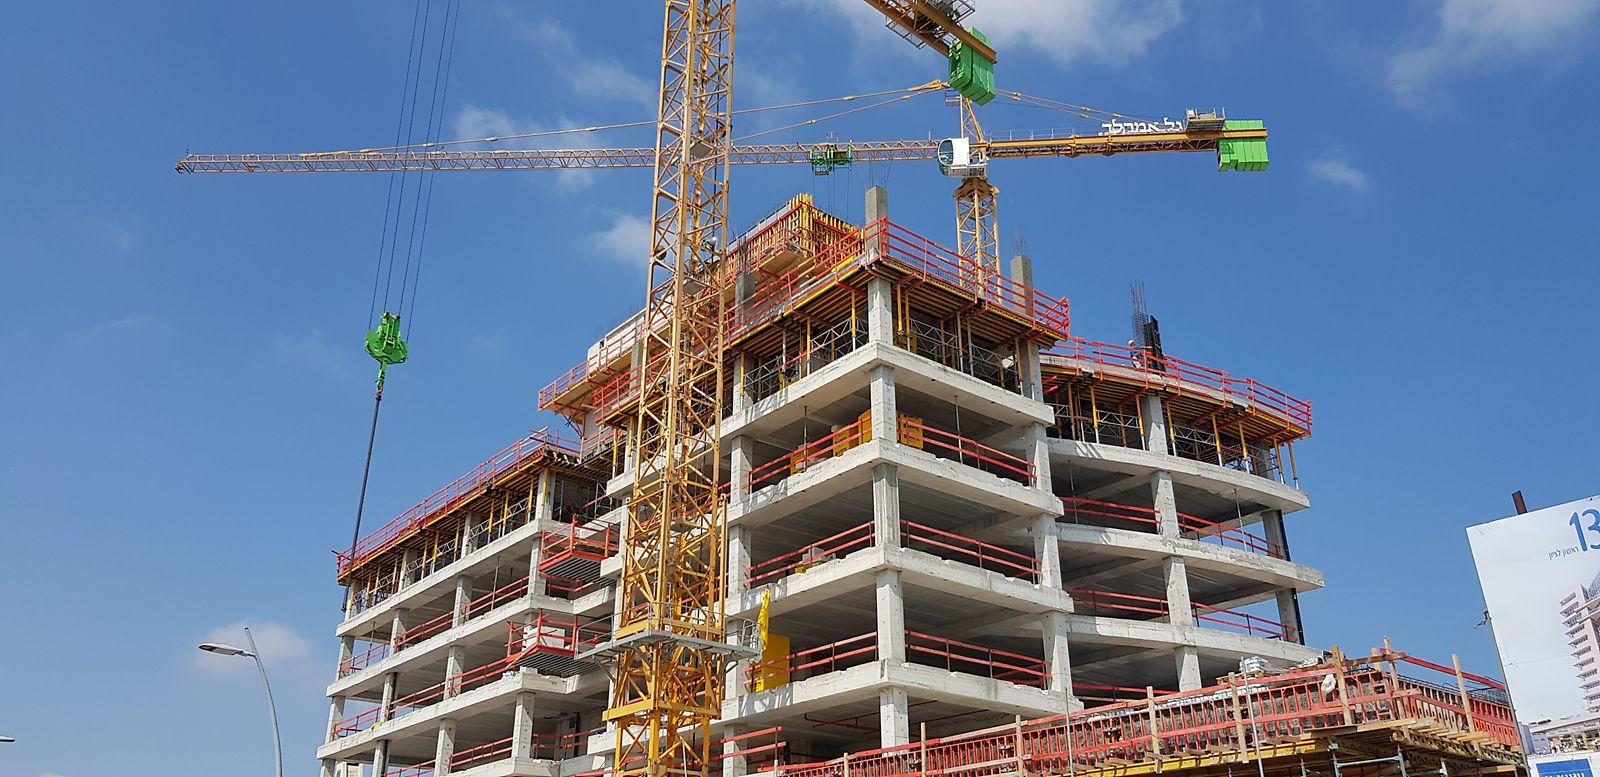 מגדל ירון מילר, מבנה משרדים בן 11 קומות בראשון לציון